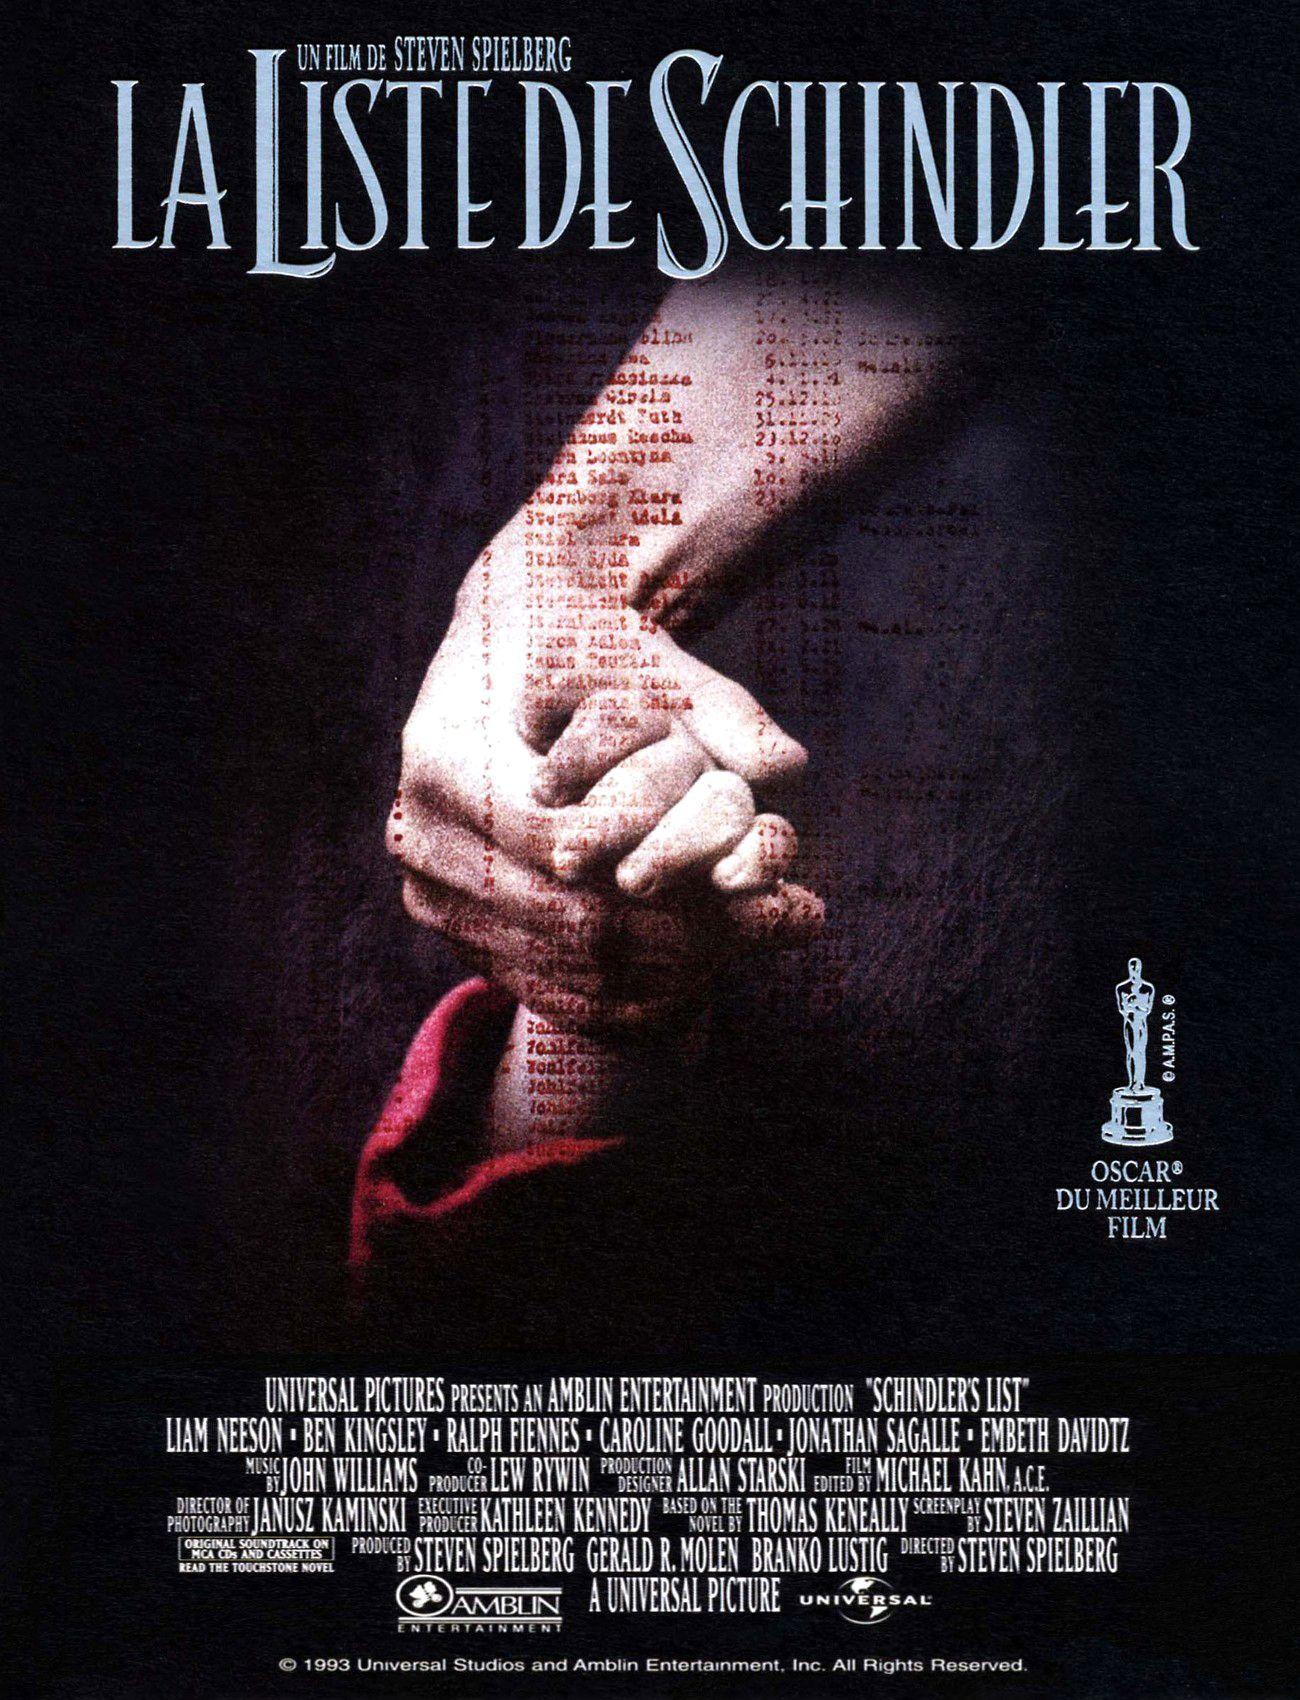 Affiches posters et images de la liste de schindler 1993 - Liste family office france ...